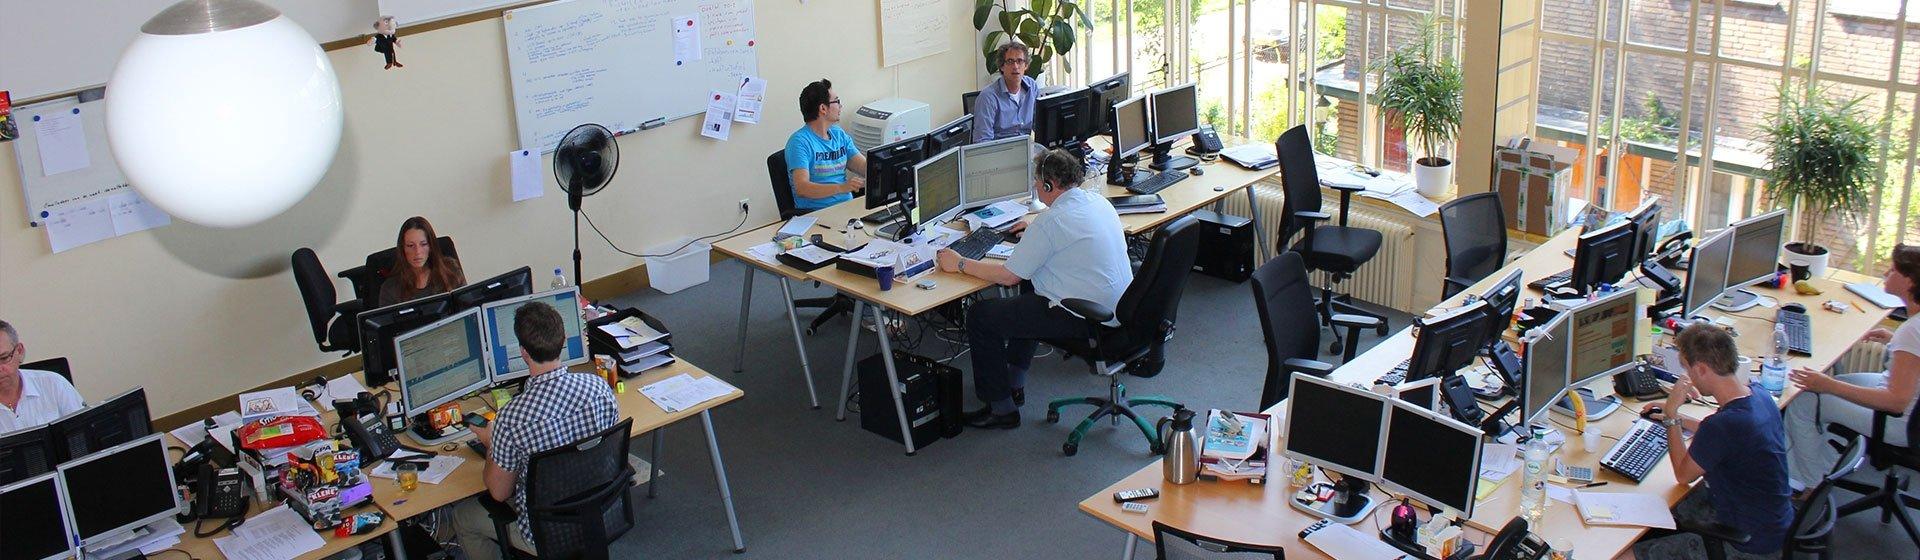 1 jaar Achmea: hoe kijkt Ruud Martens erop terug?